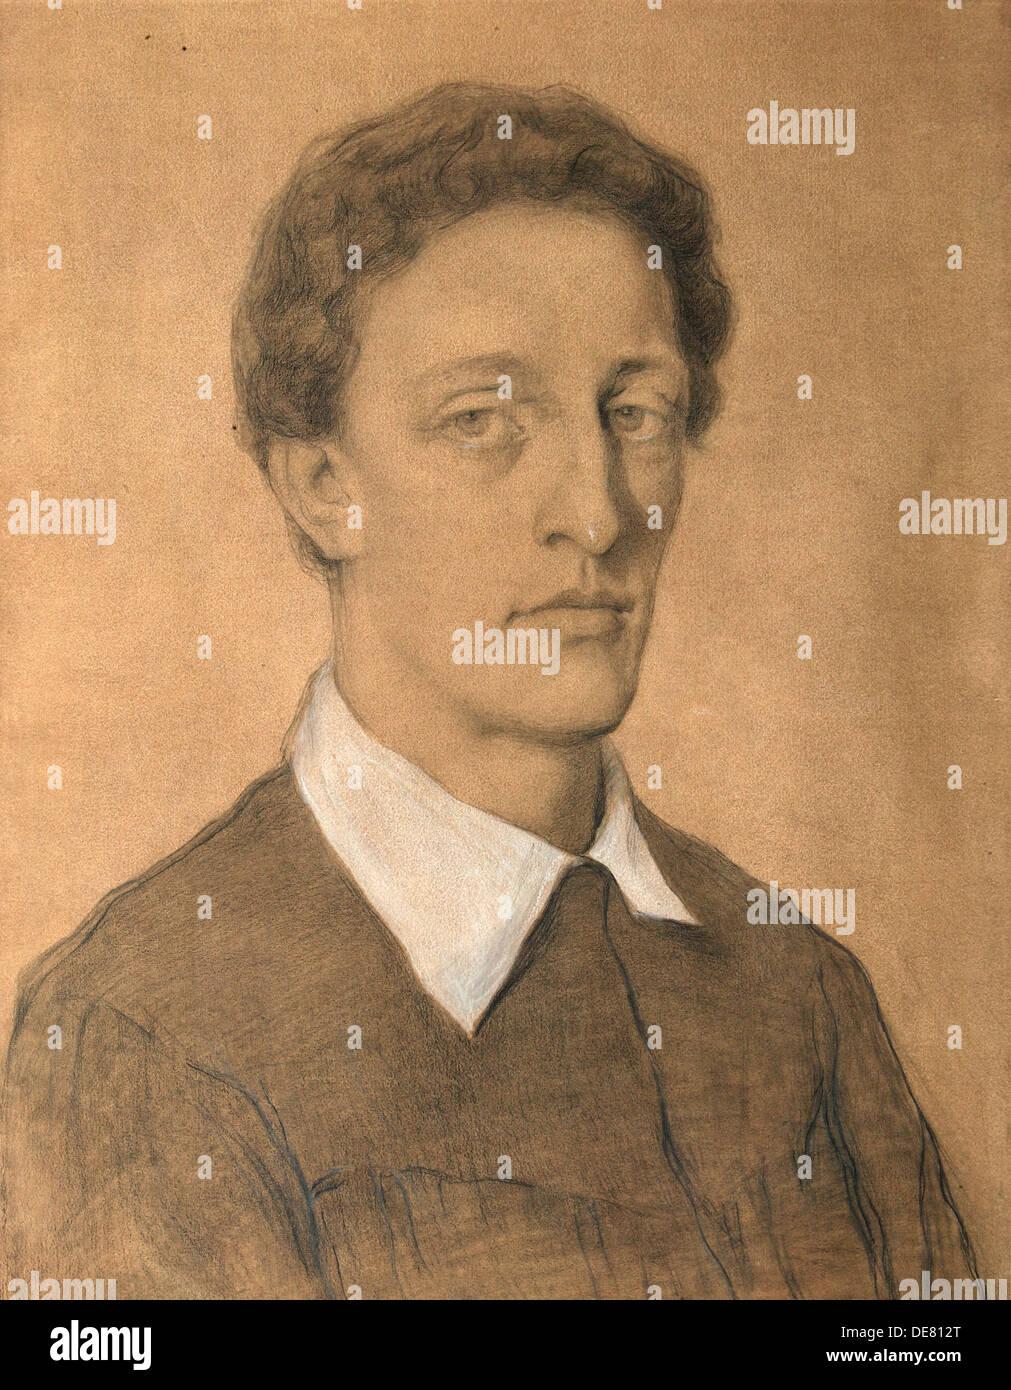 Alexander Blok: portrait, description 72